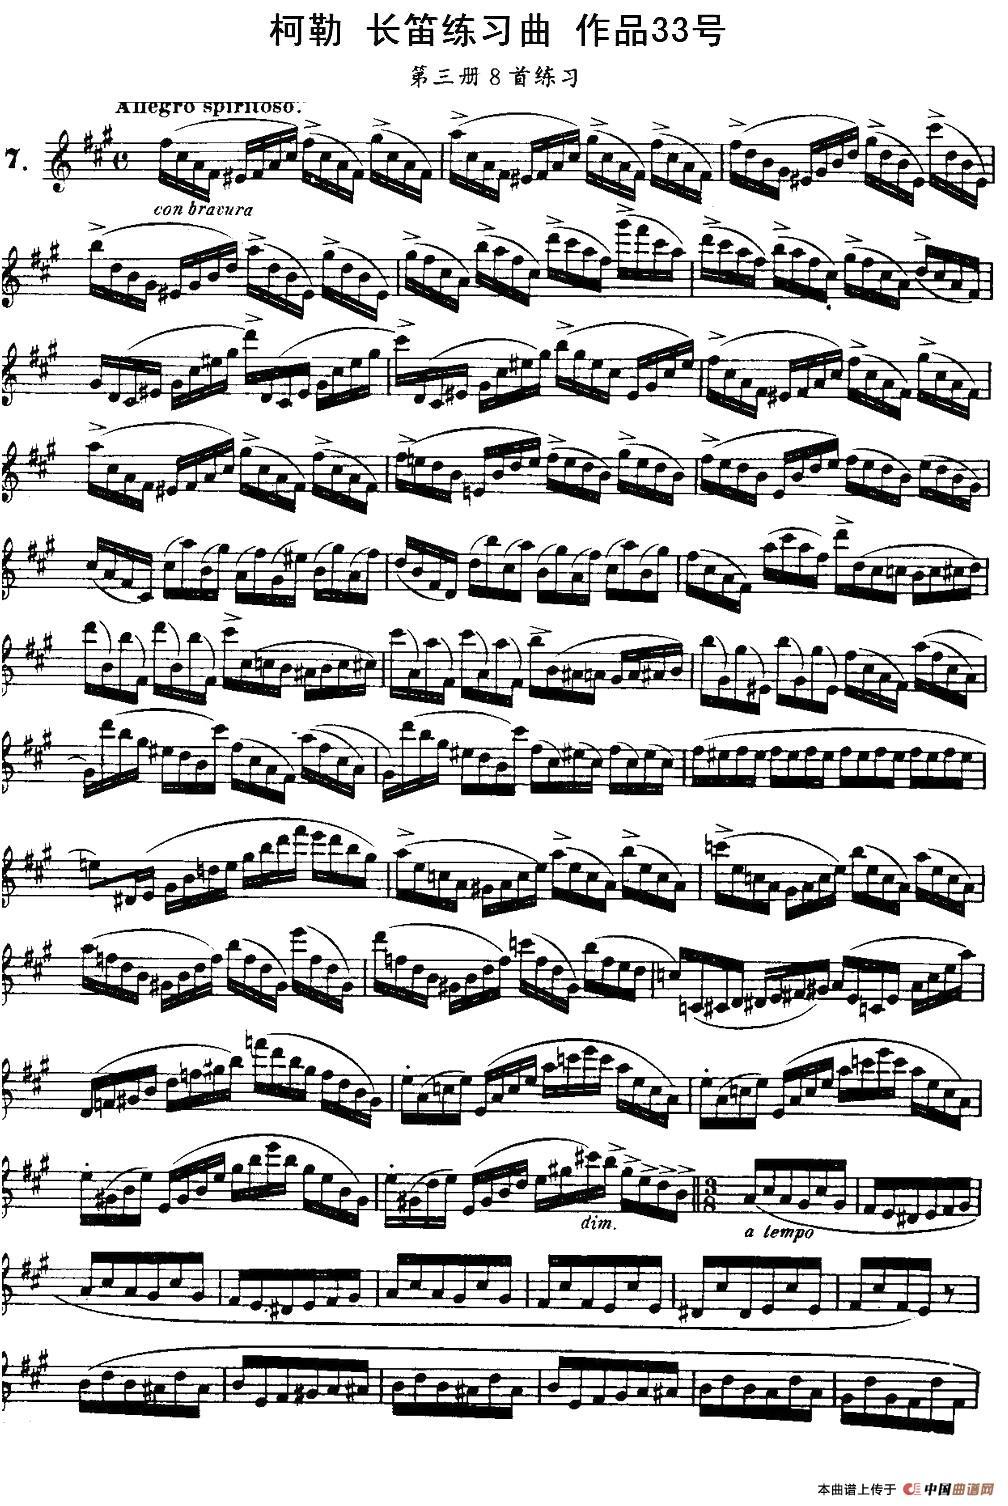 曲谱 柯勒长笛练习曲作品33号 第三册 7 -柯勒长笛练习曲作品33号 第